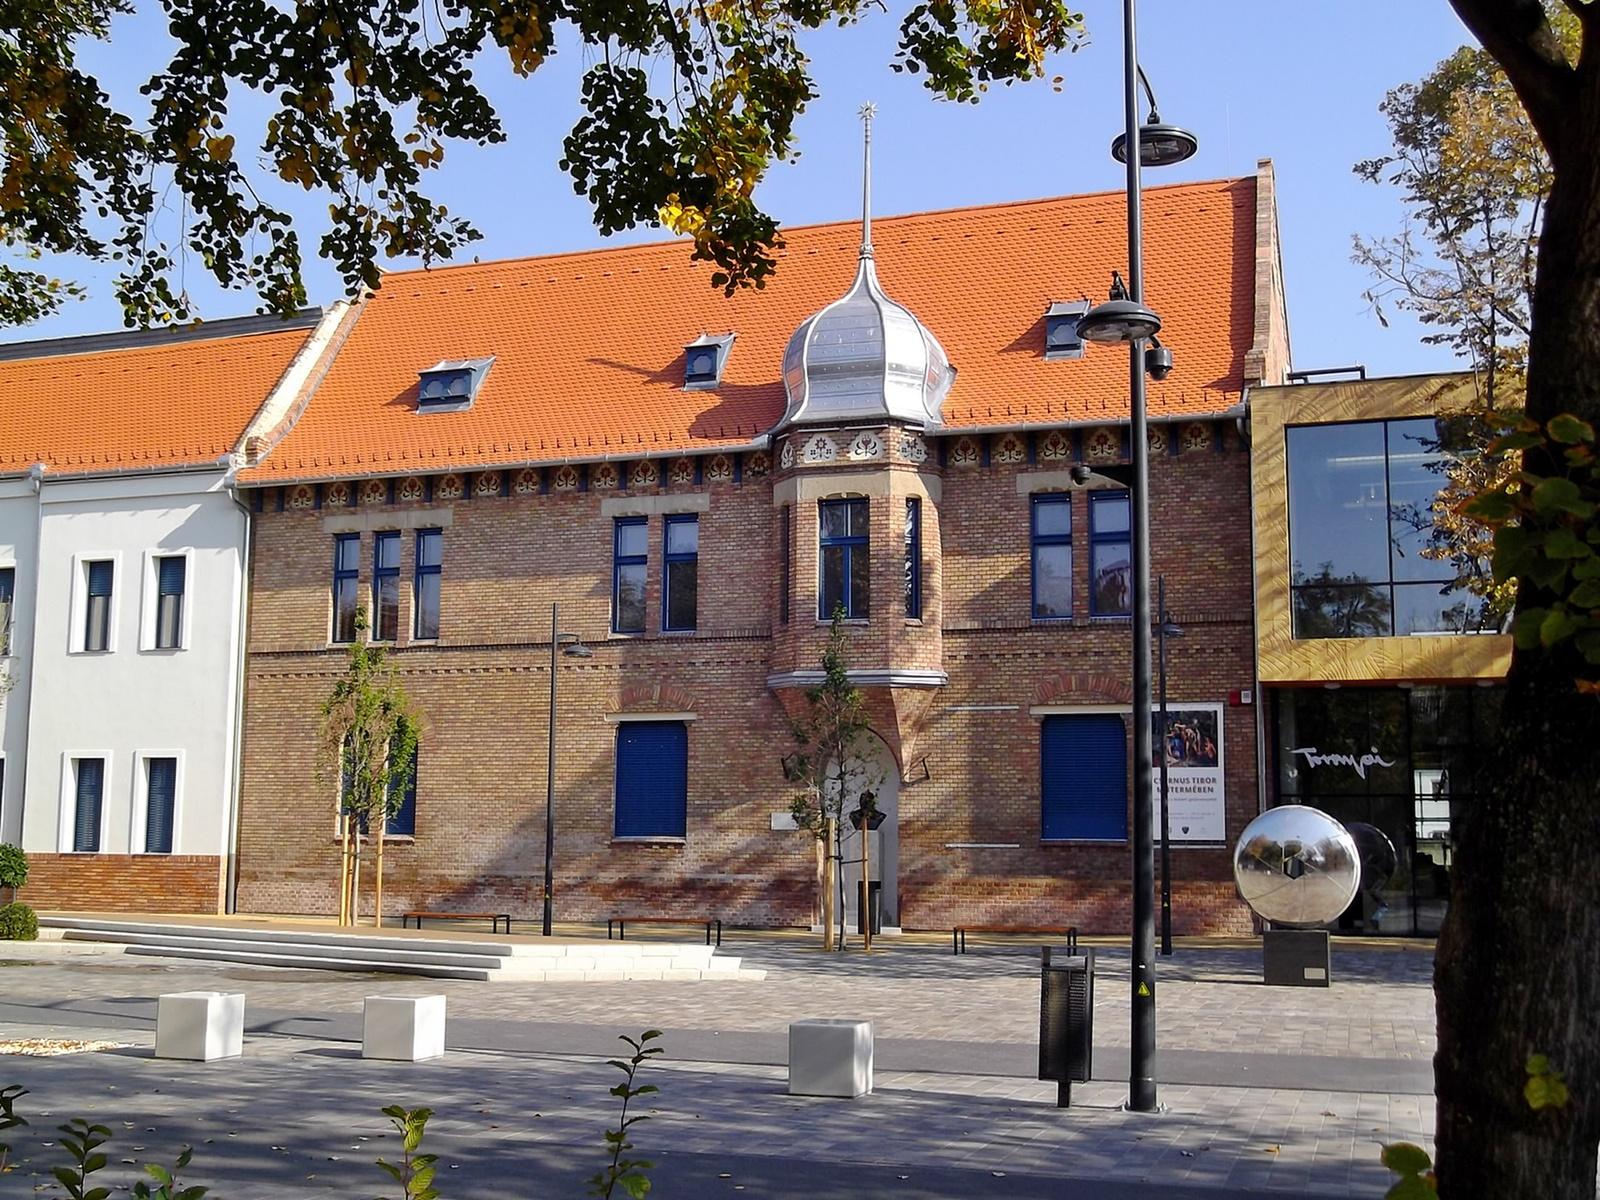 Hmvhely, Tornyai János Múzeum